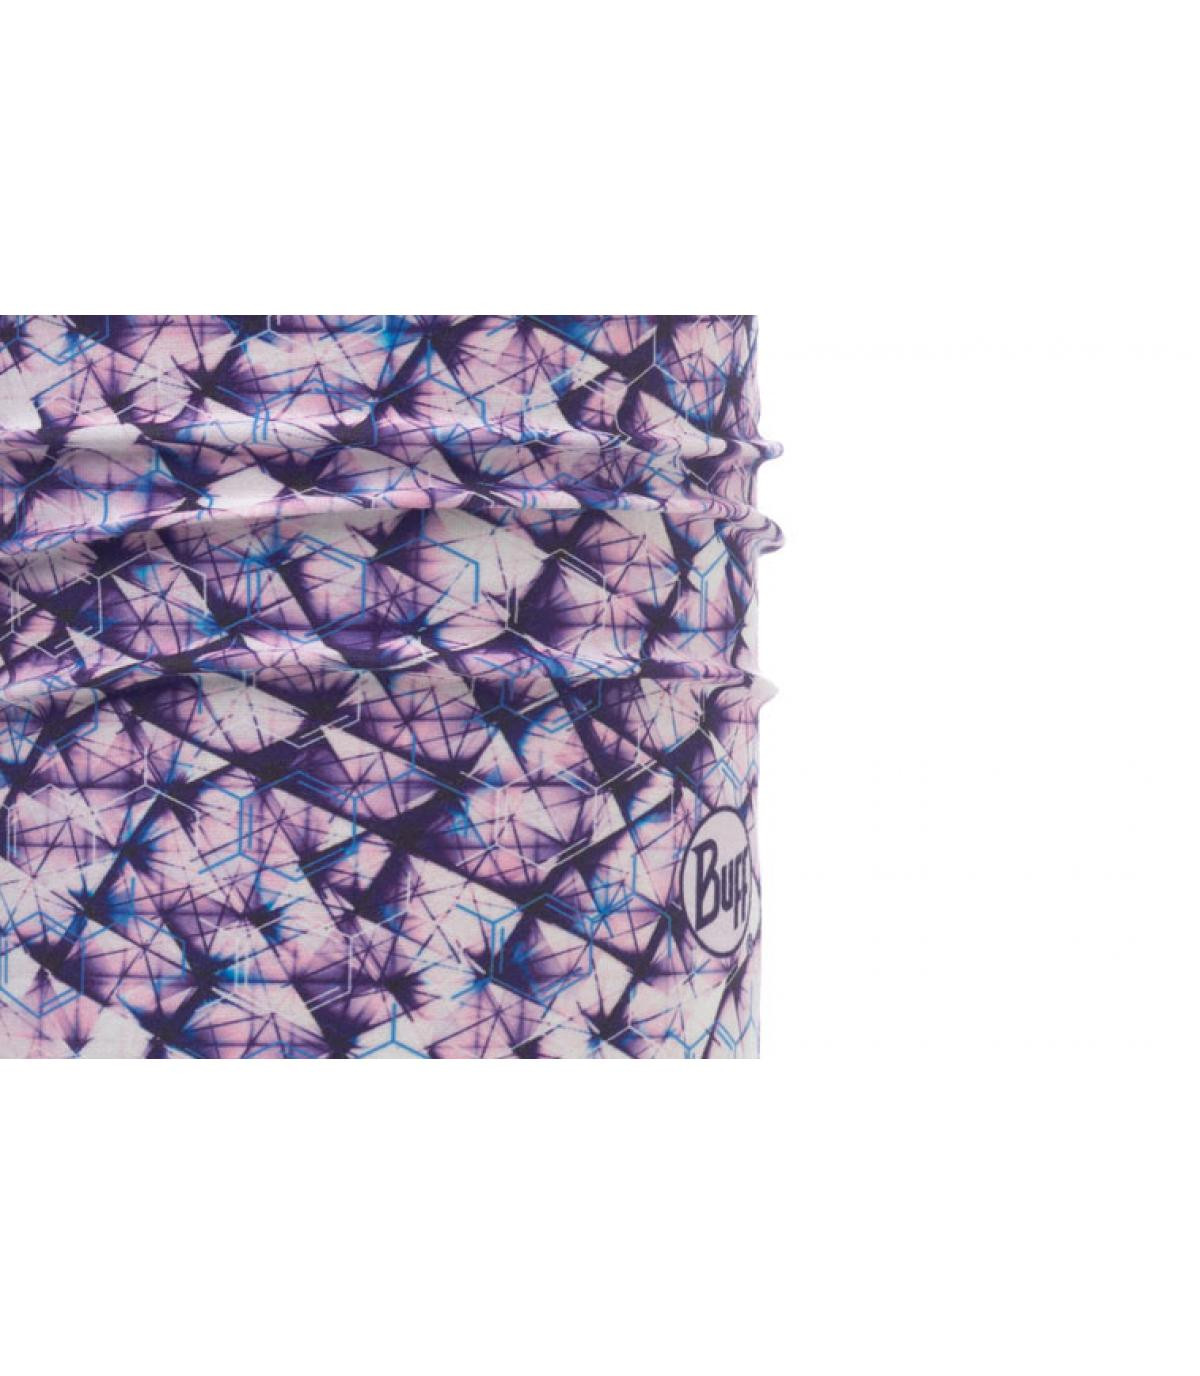 Détails Perform Adren purple lilac - image 2